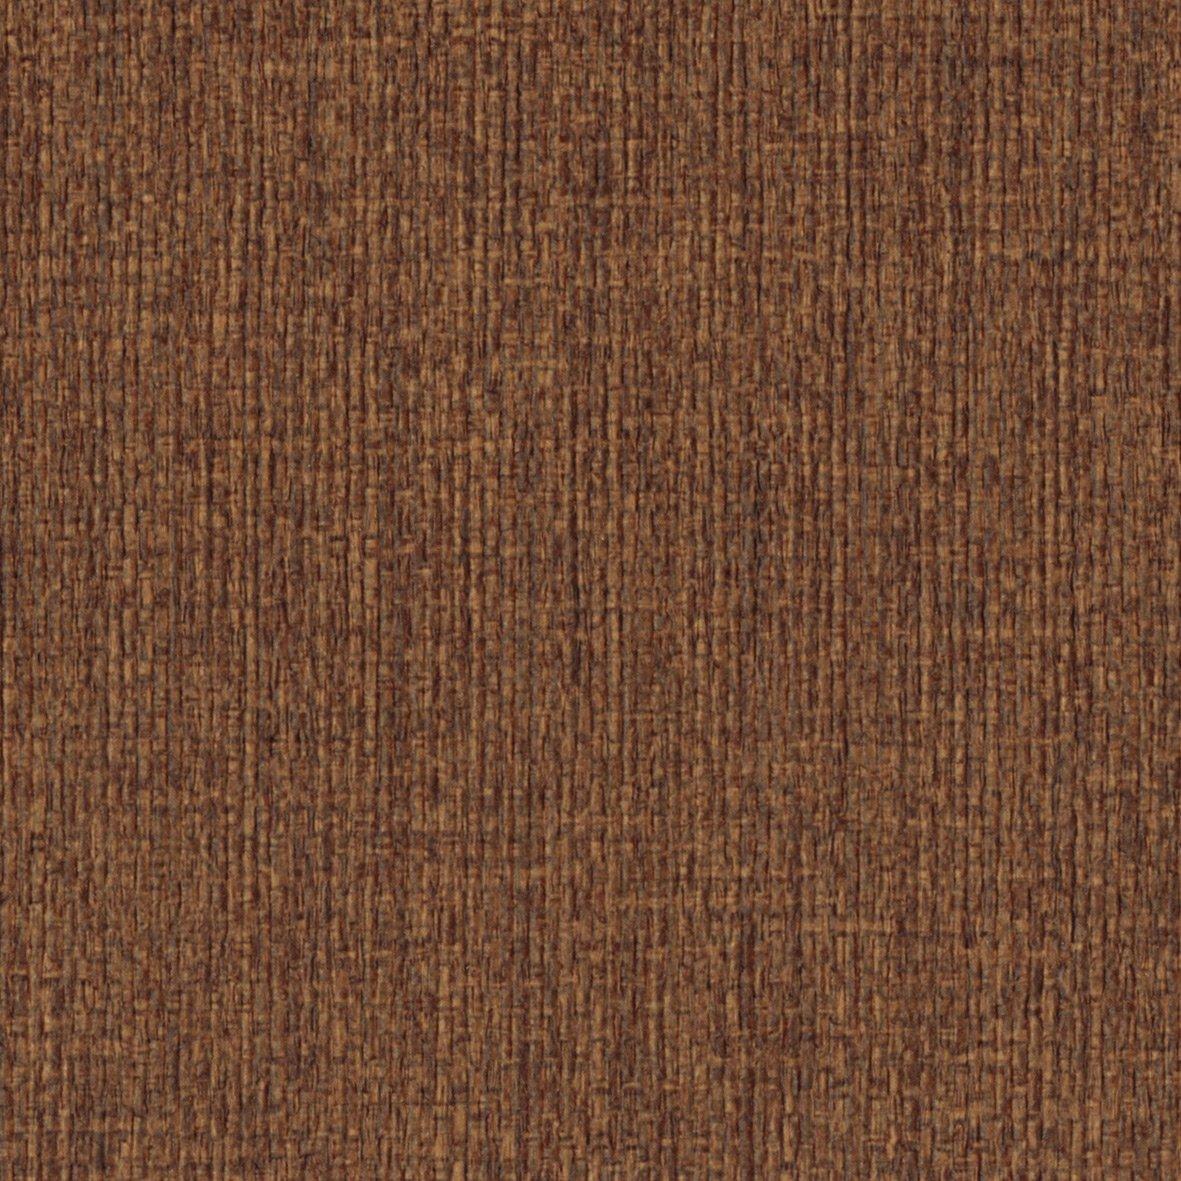 リリカラ 壁紙38m 和 織物調 ブラウン 和調 LV-6420 B01IHSGK5K 38m|ブラウン